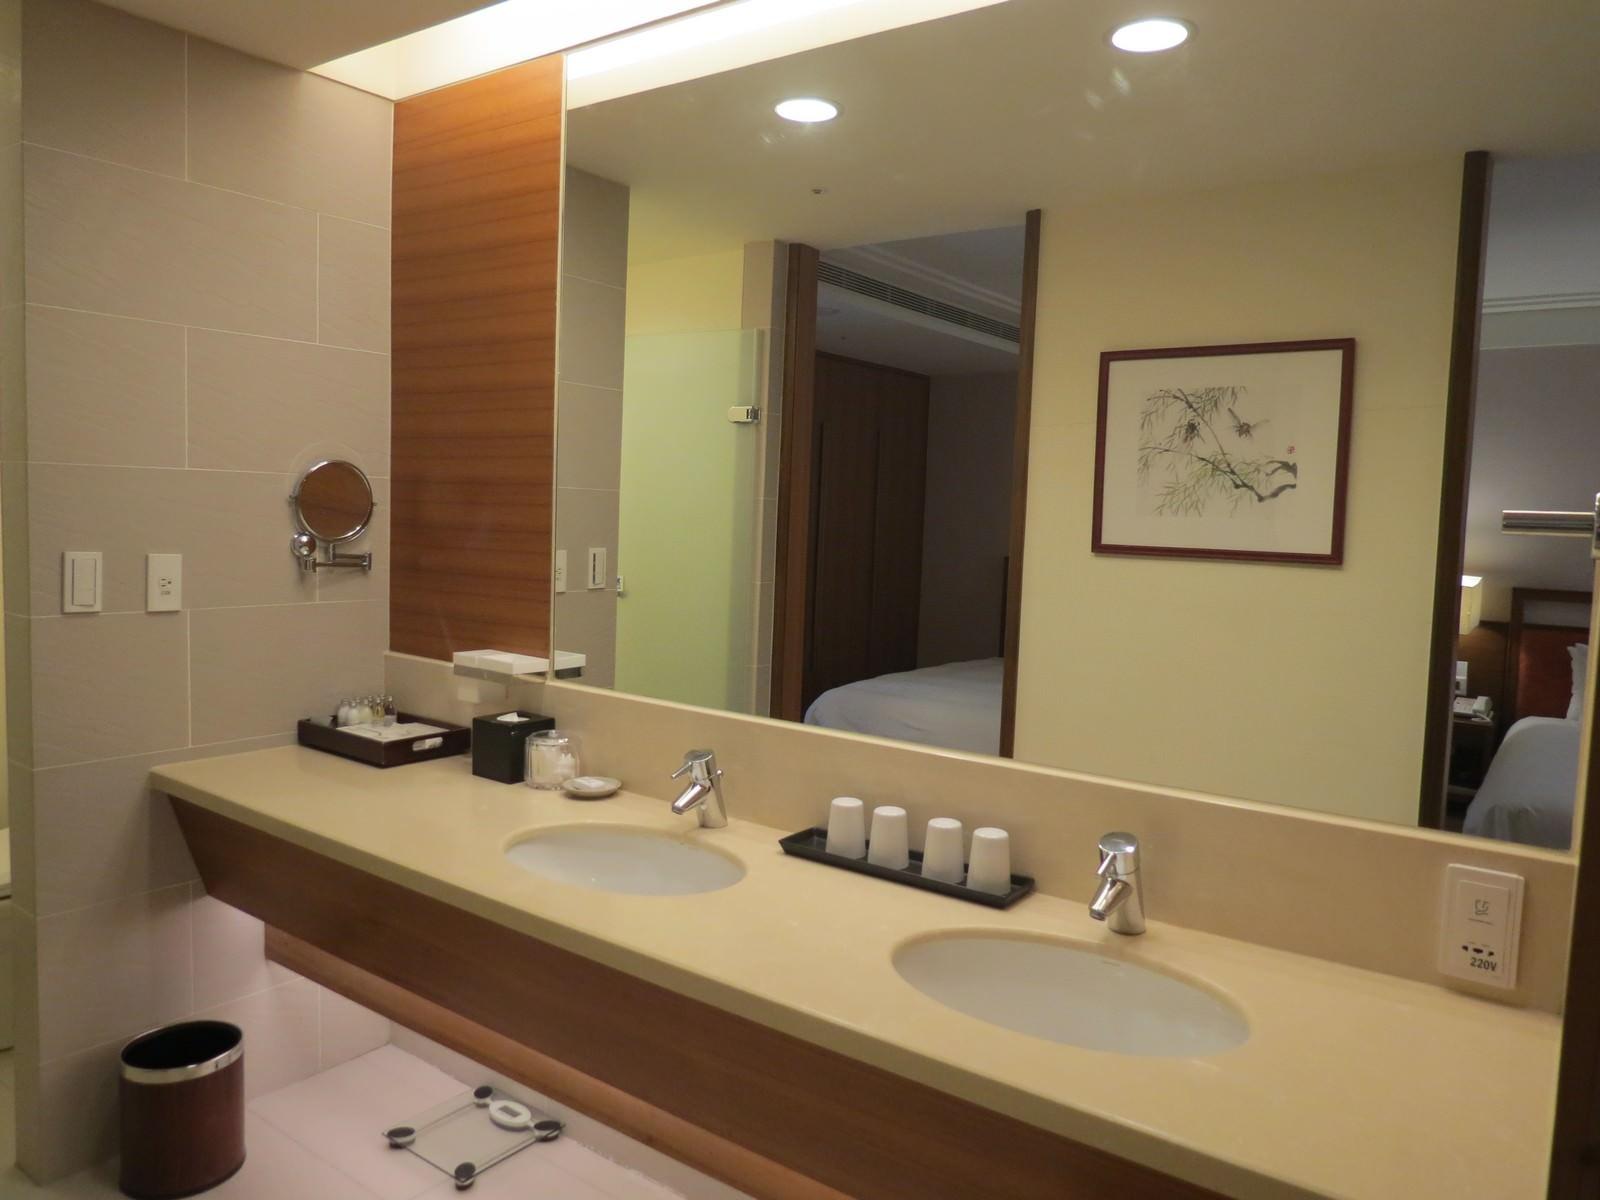 阿里山賓館, 客房介紹, 現代館, 豪華四人房